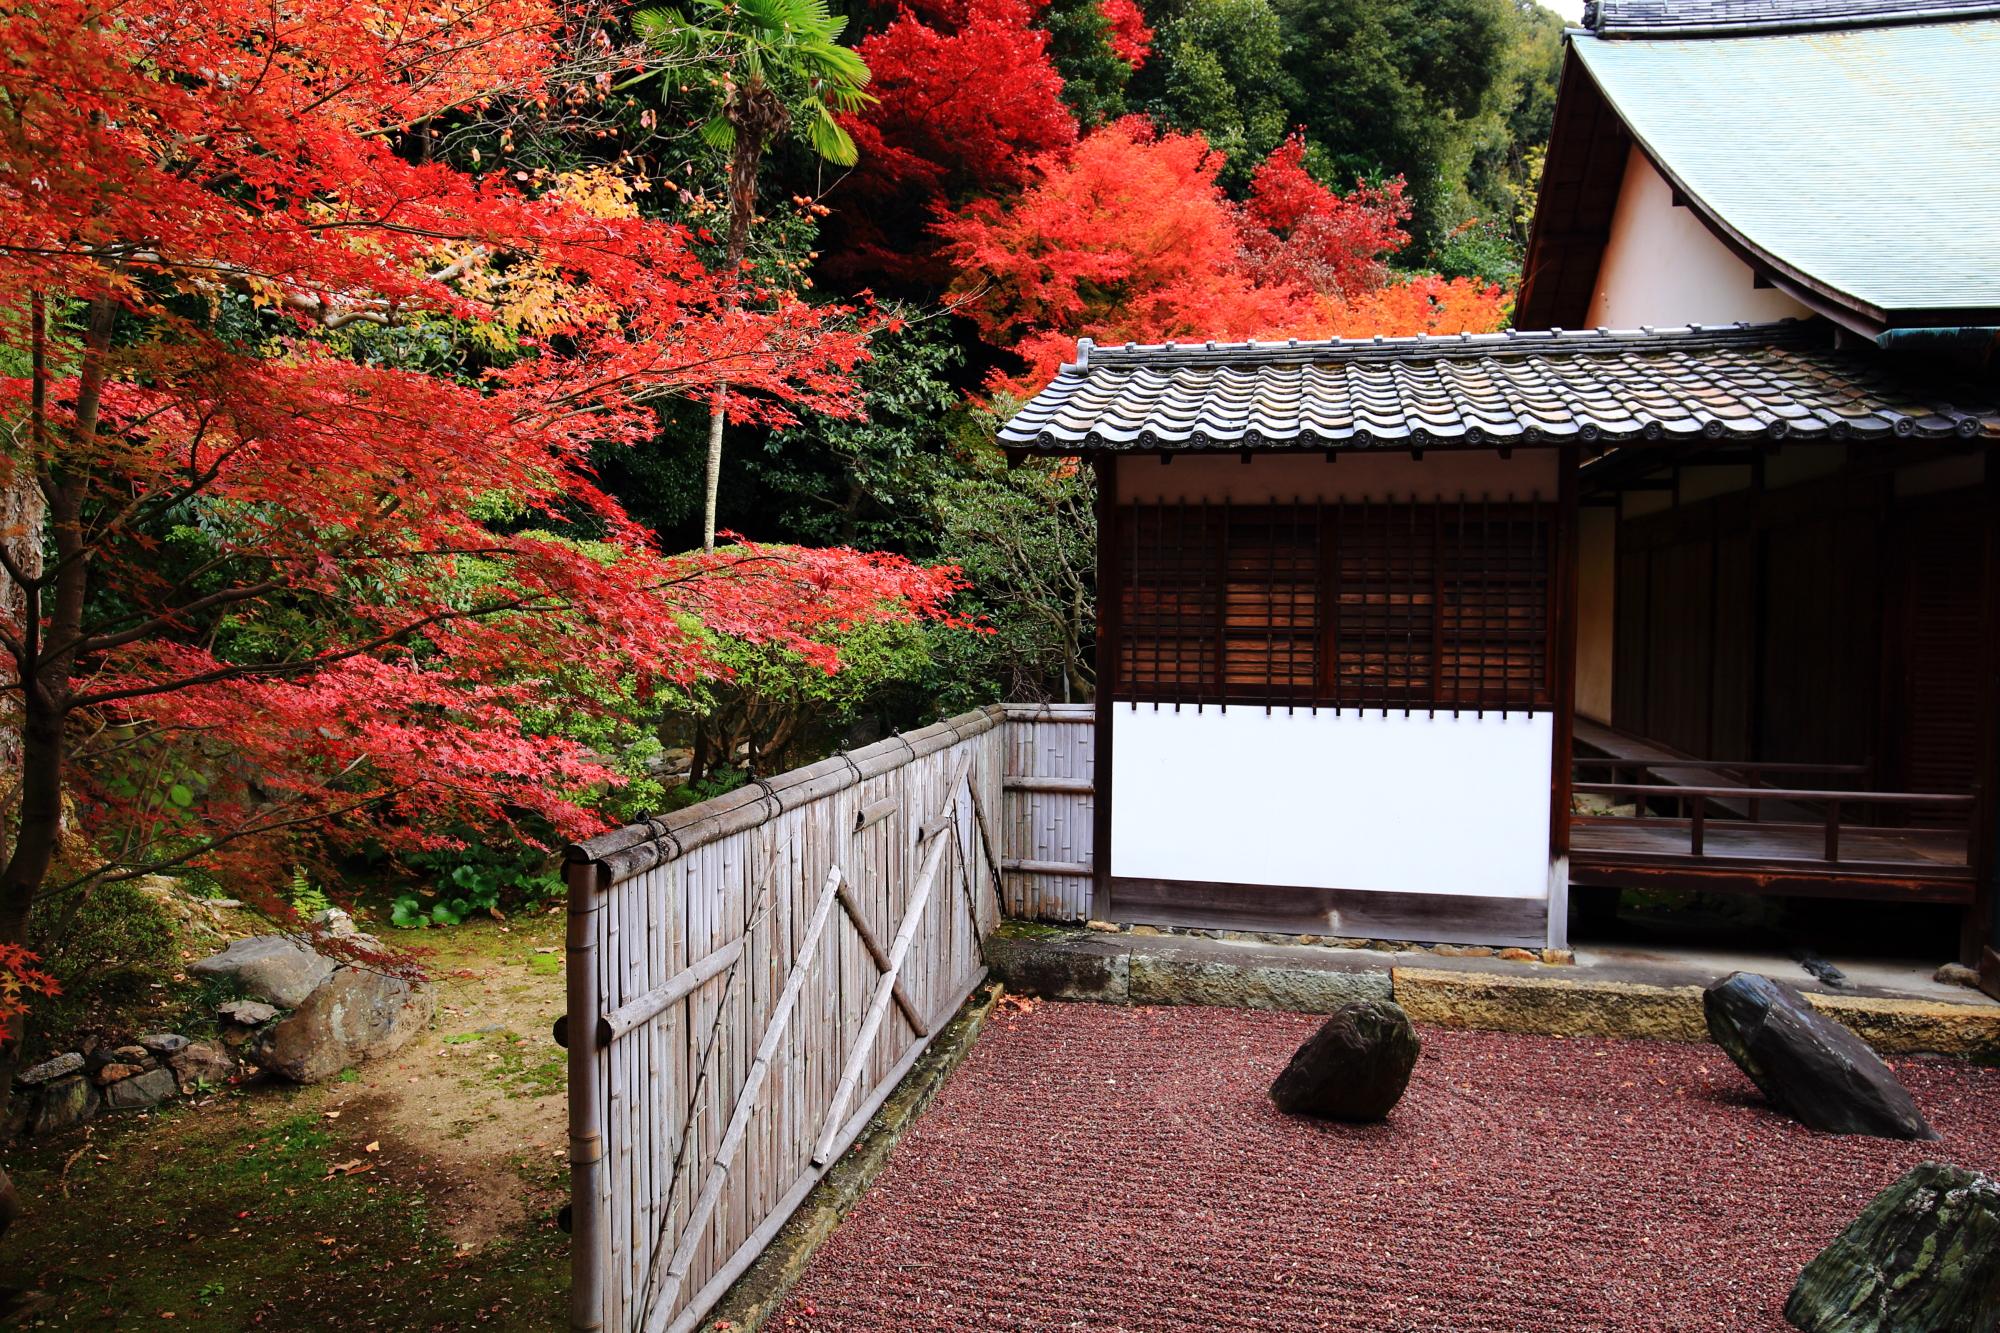 龍吟庵(りょうぎんあん)の方丈東庭の不離の庭の優美な紅葉